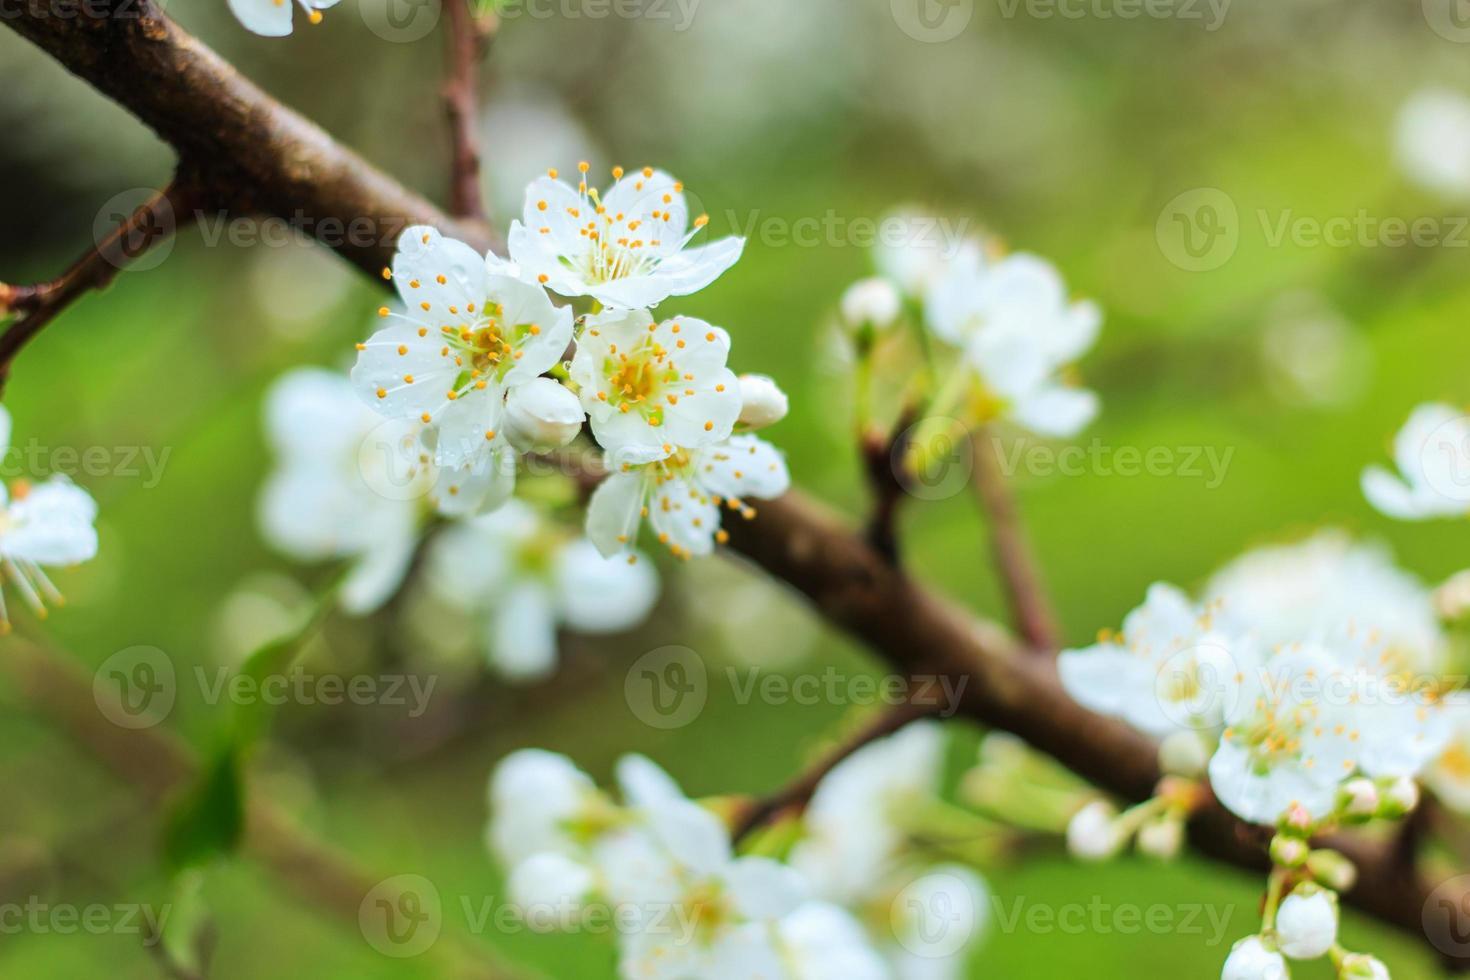 fiore di prugna con fiori bianchi. foto